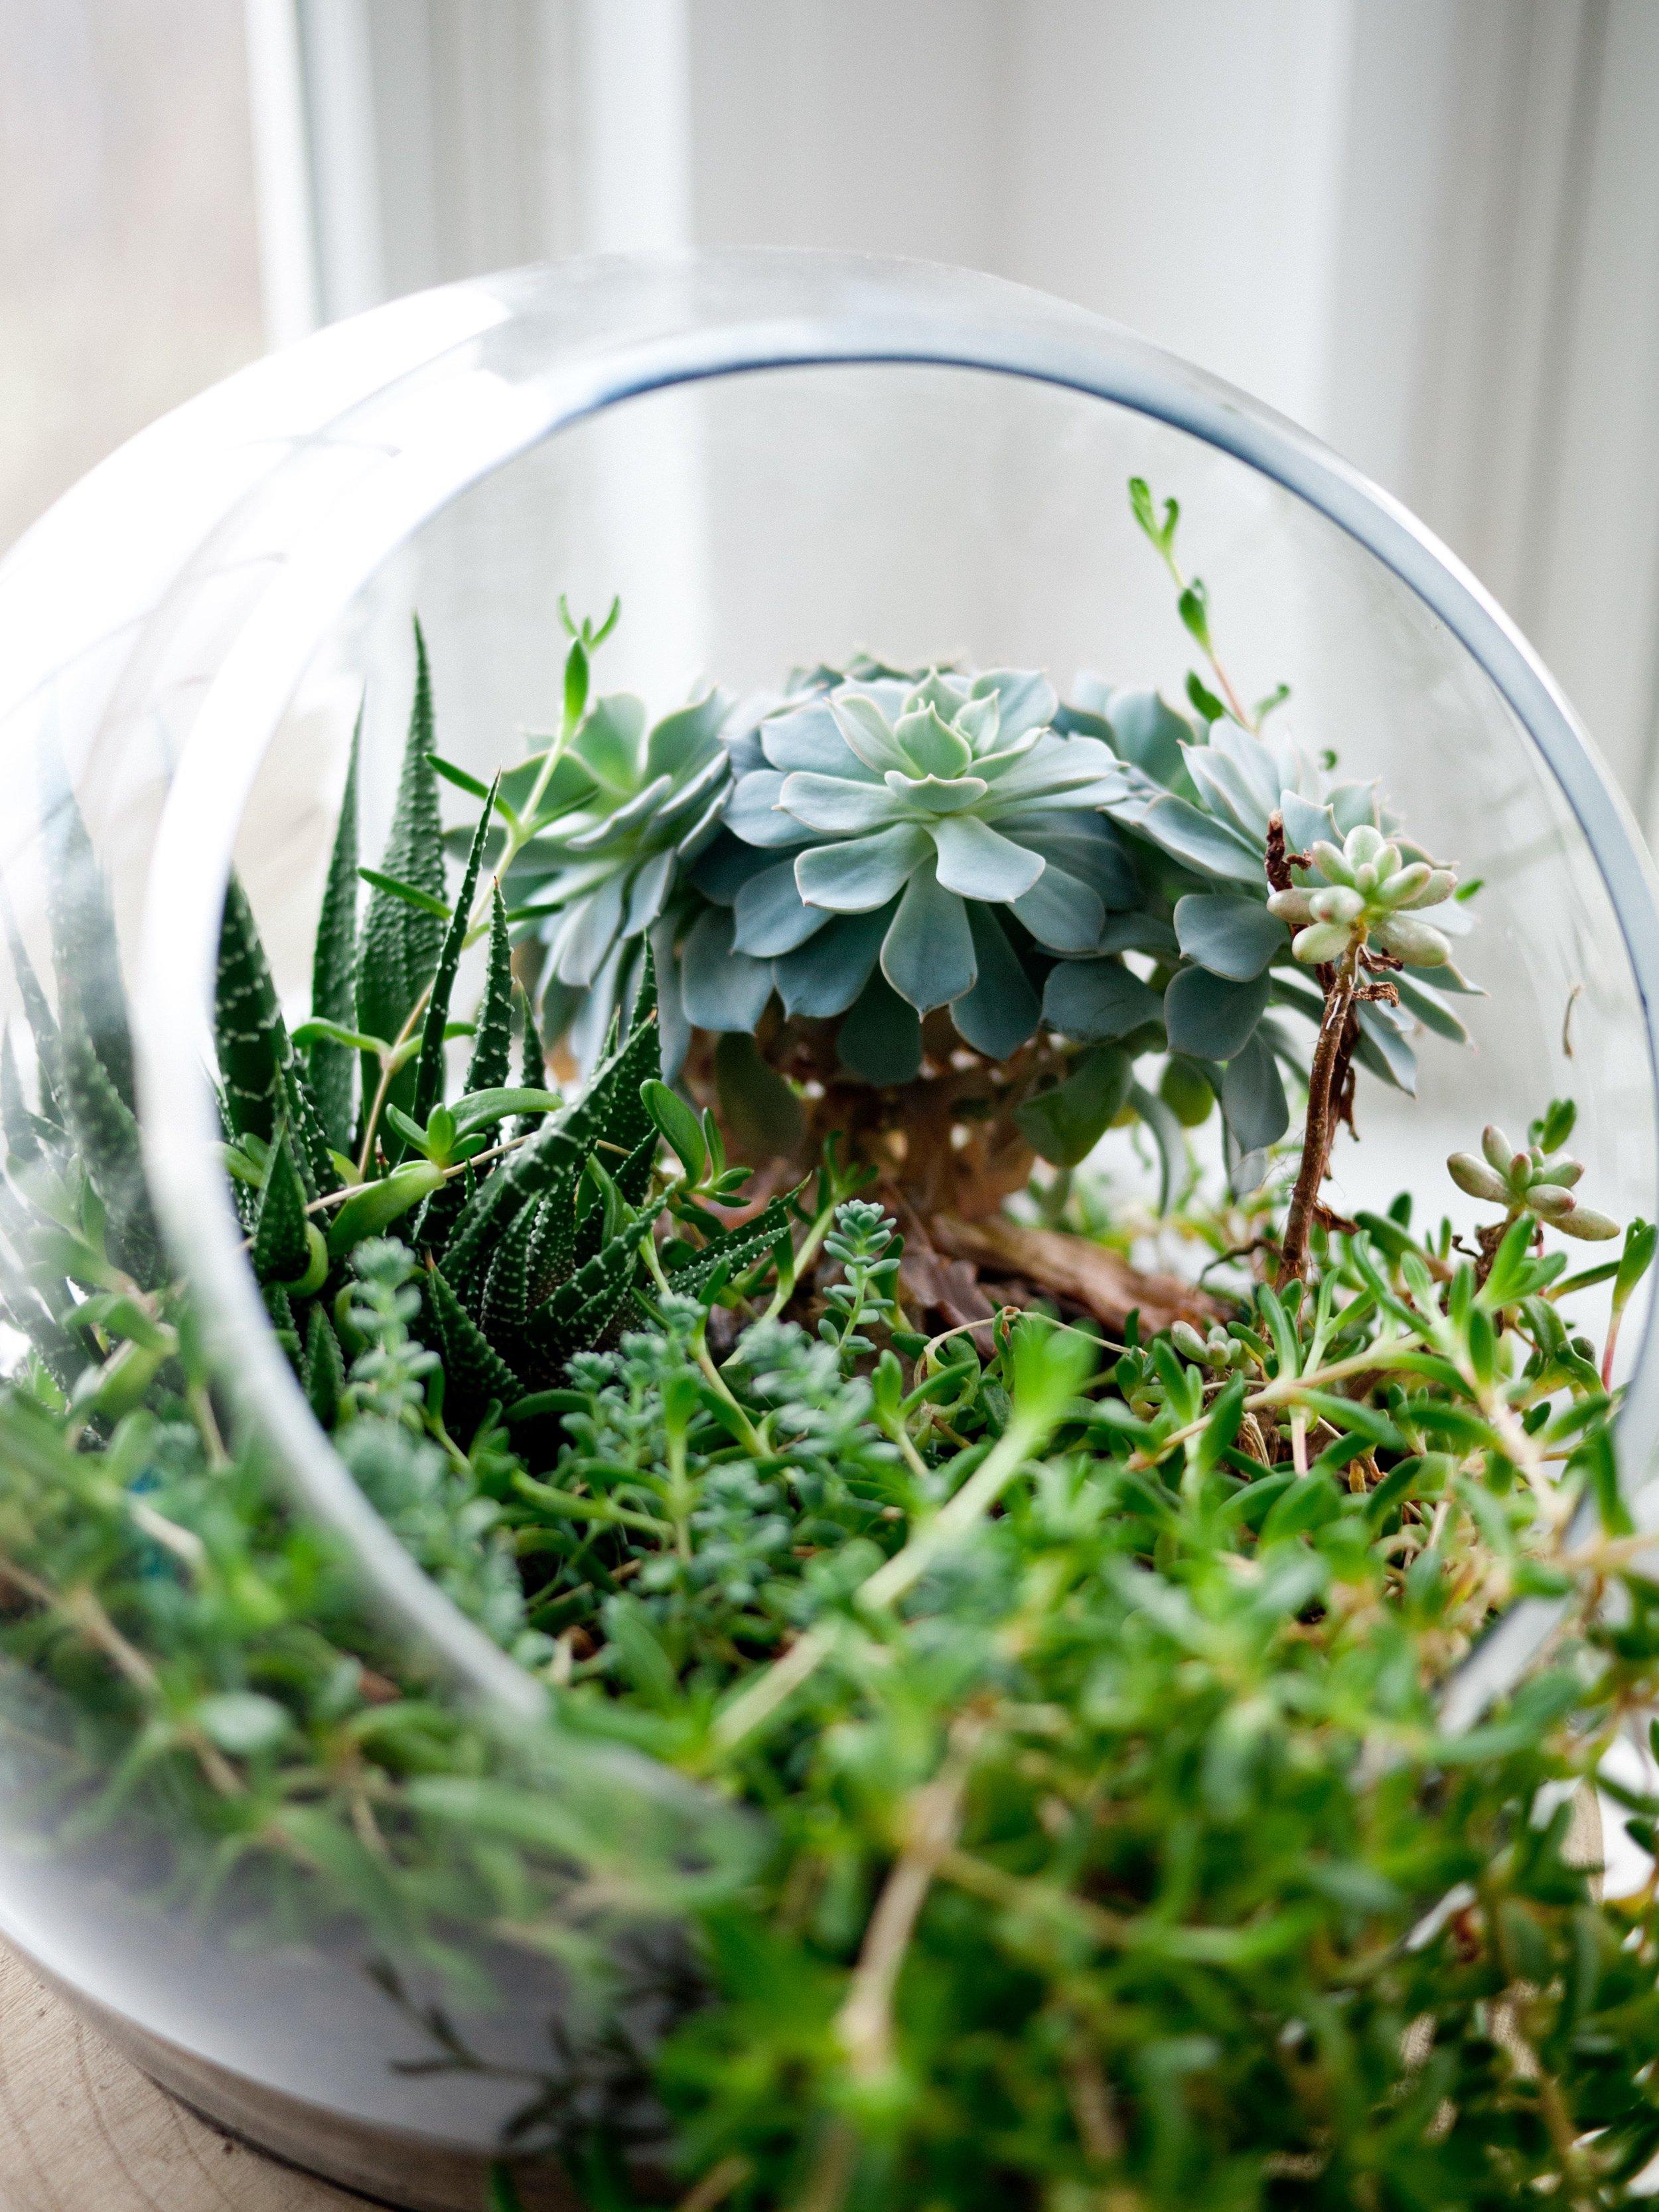 20190514 - succulent - terrarium -theory-practice-full-circle-architecture.jpg